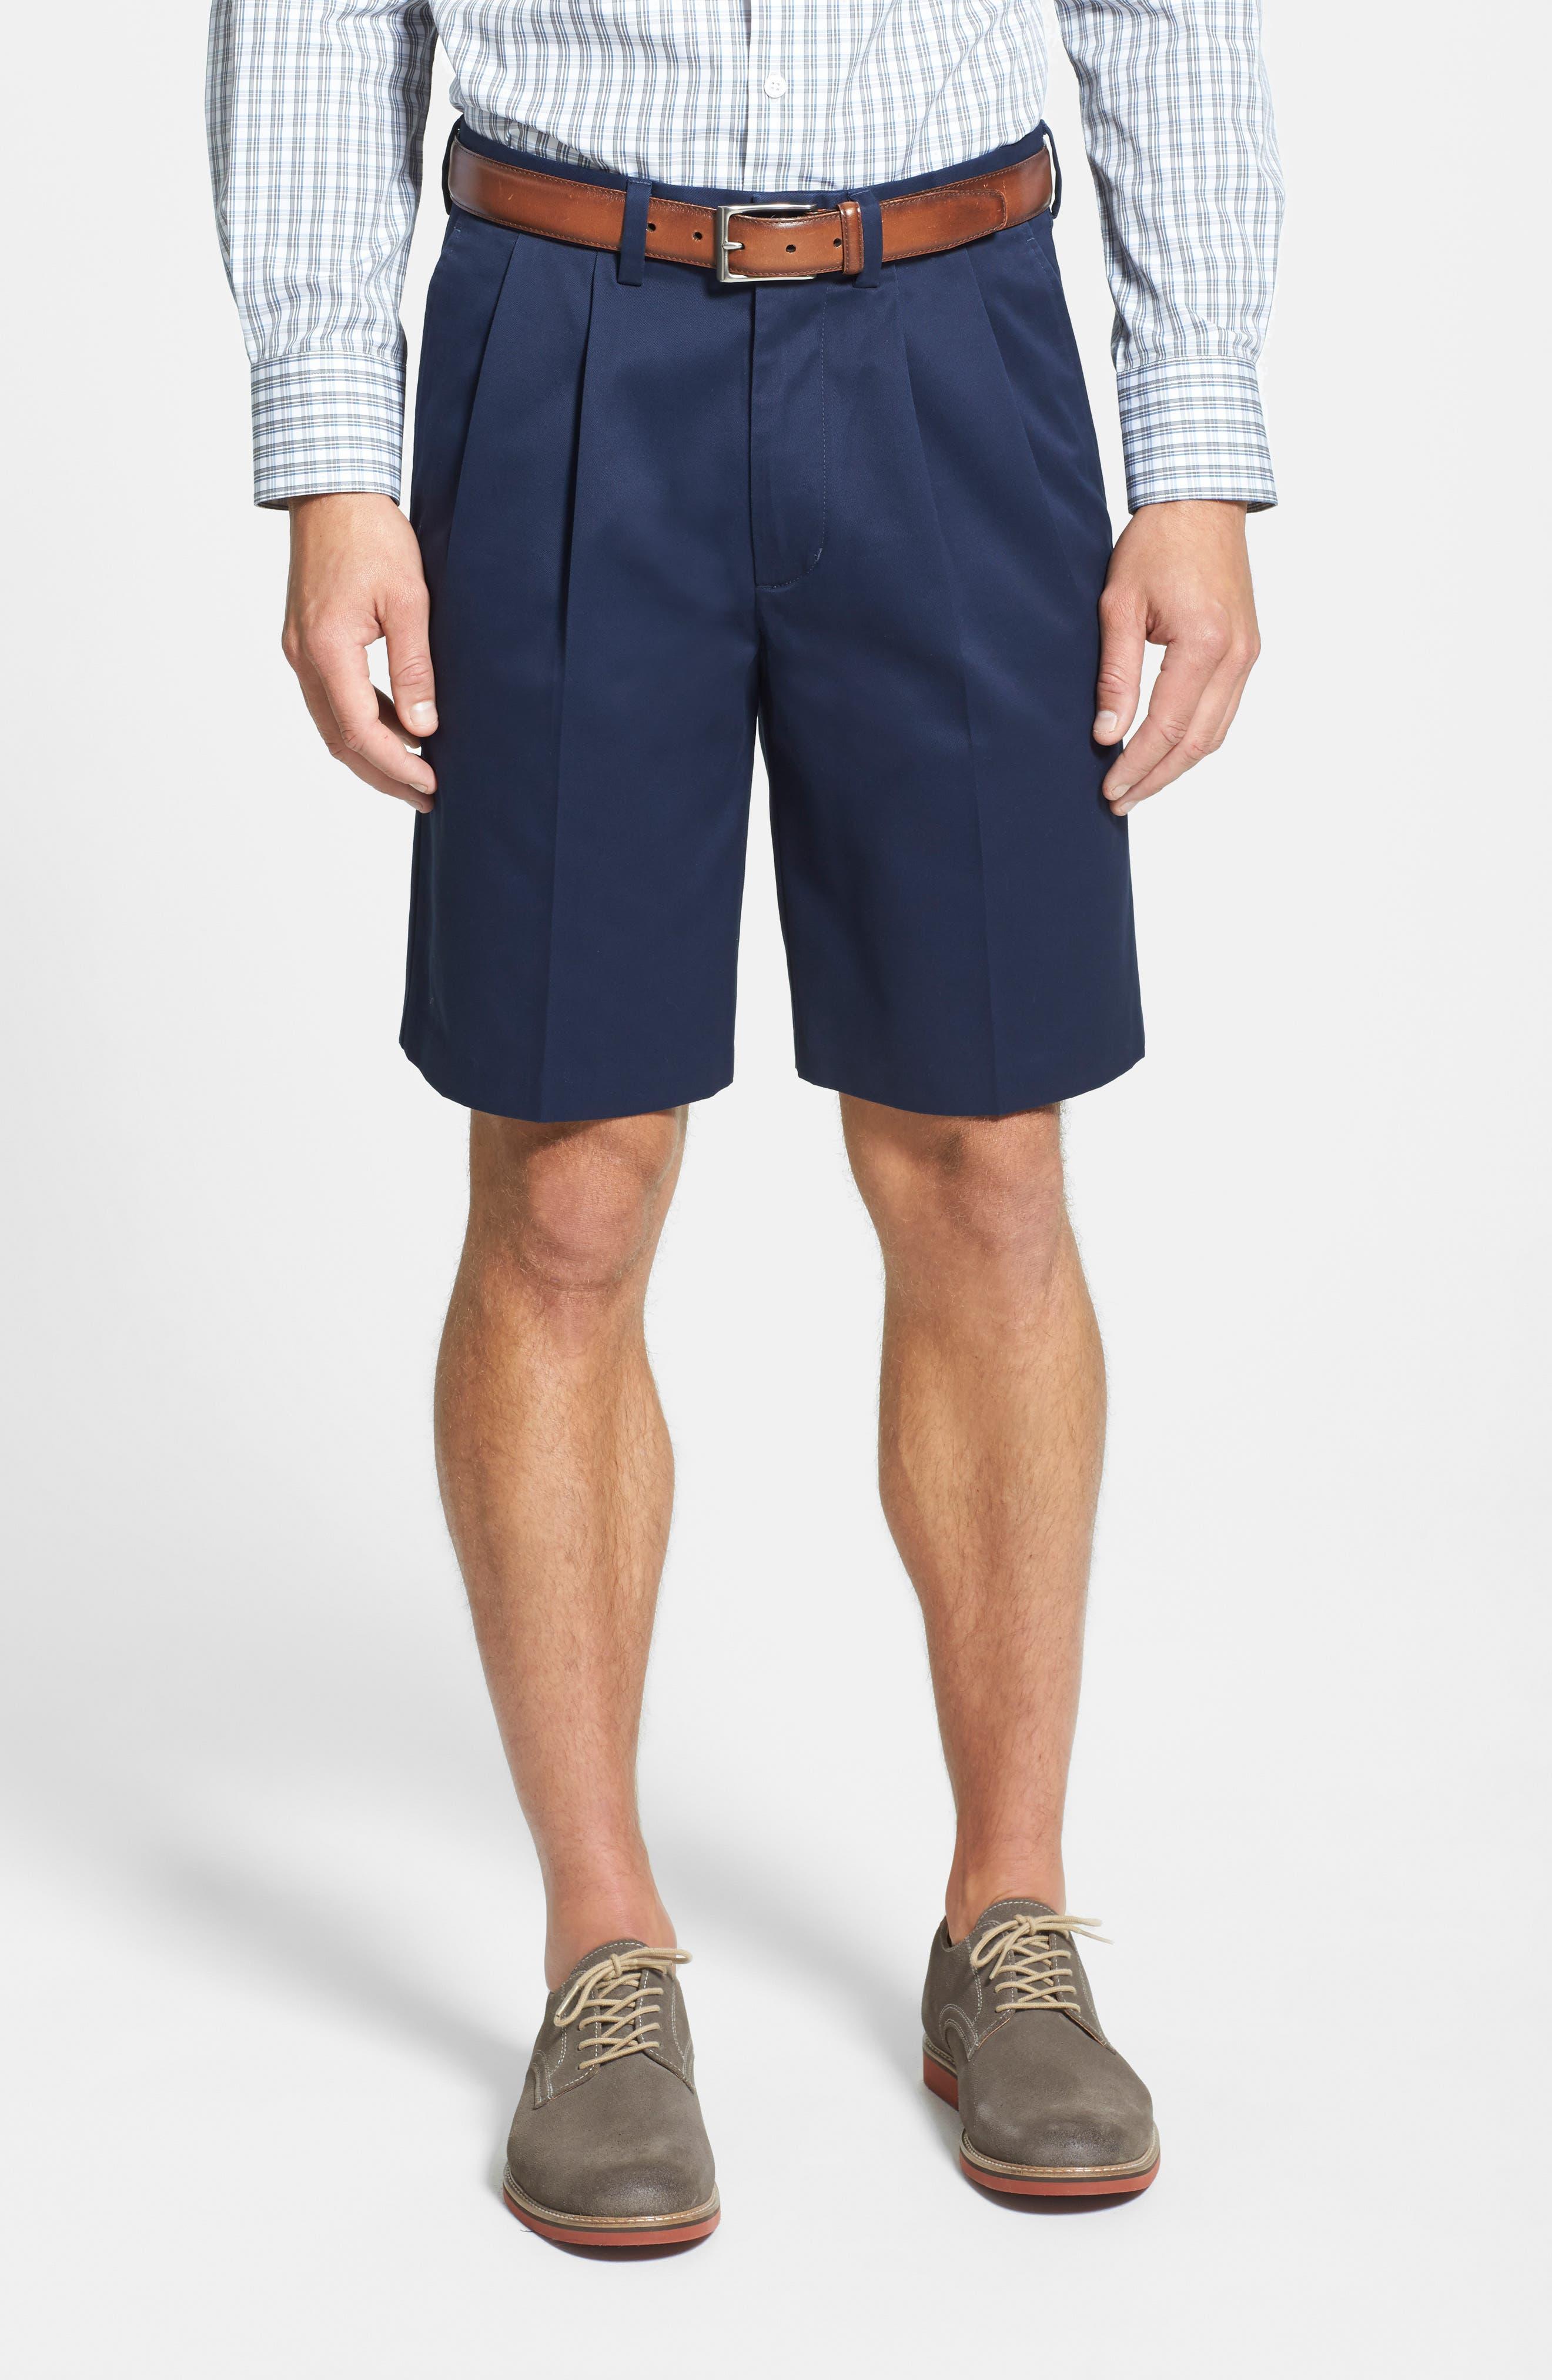 fd1ecc271c9 Men's Shorts | Nordstrom